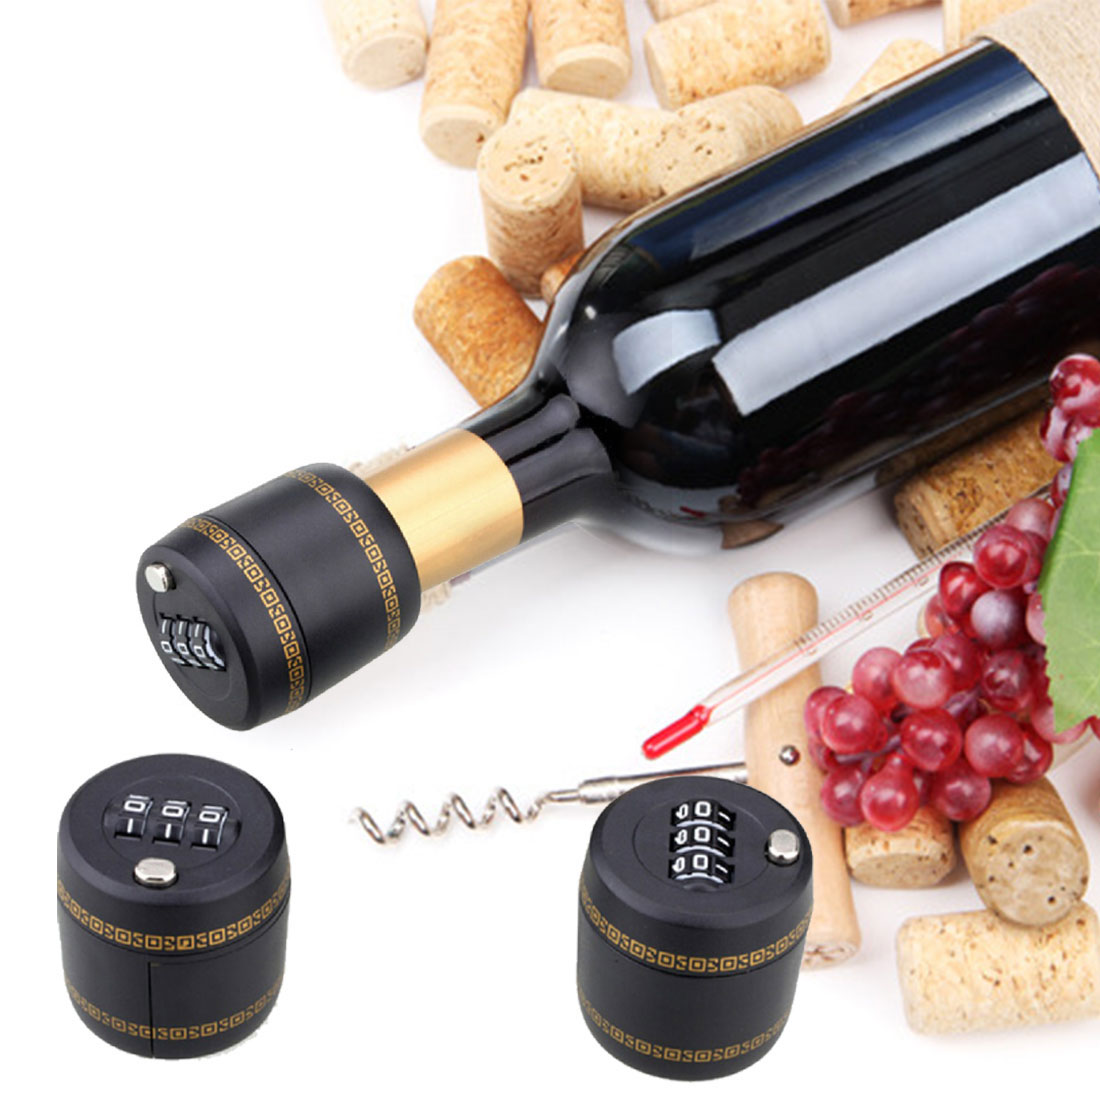 Новый продавец, крышка для бутылки, крышка для бутылки, маленький реквизит для Es Cap e из таинственной комнаты, найдите пароль для открытия вин...